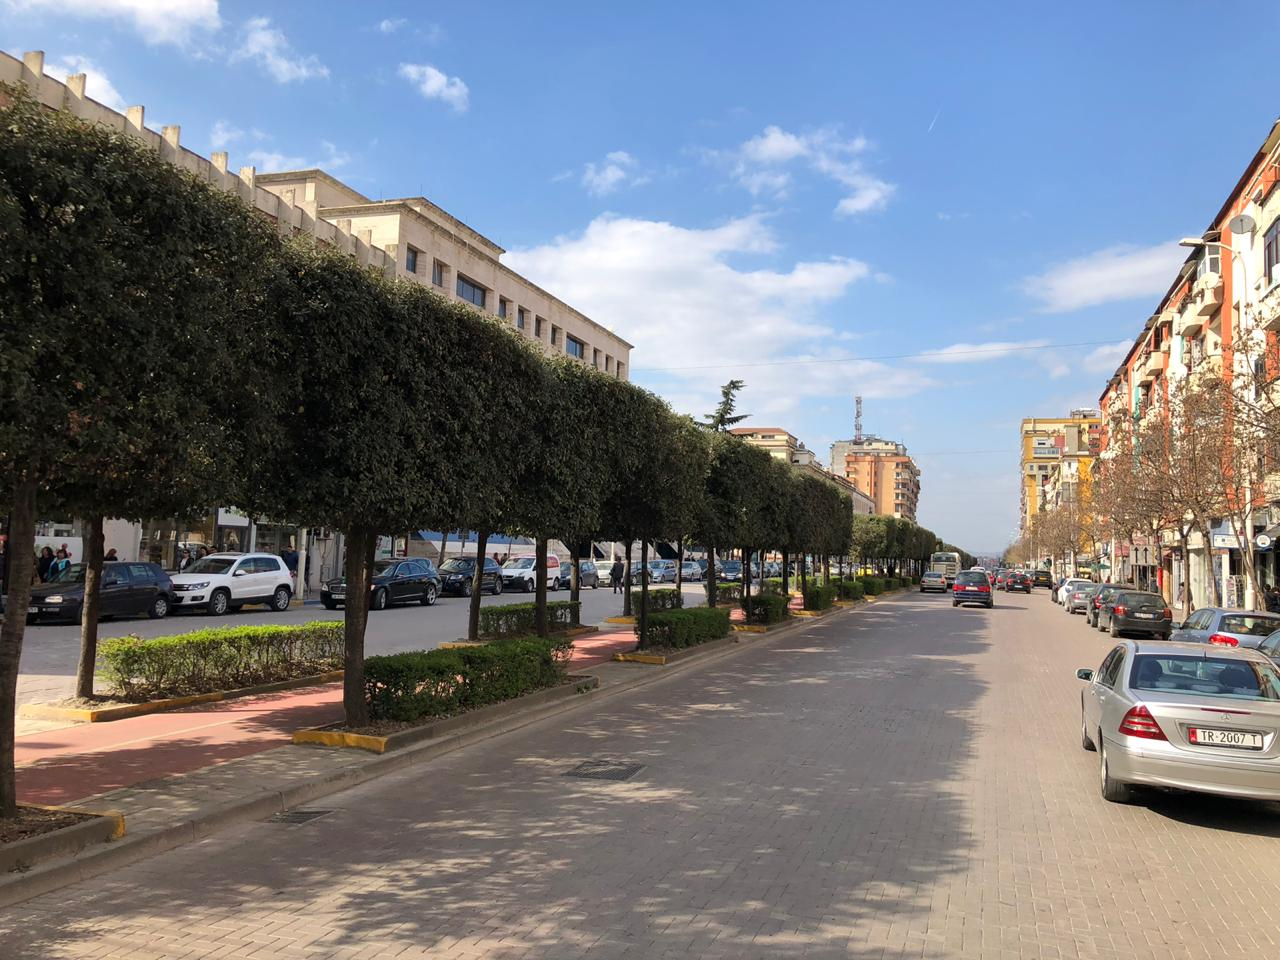 Bashkia Tiranë: e perhershmja Fusha shpk do rindërtojë Bulevardin Zogu I